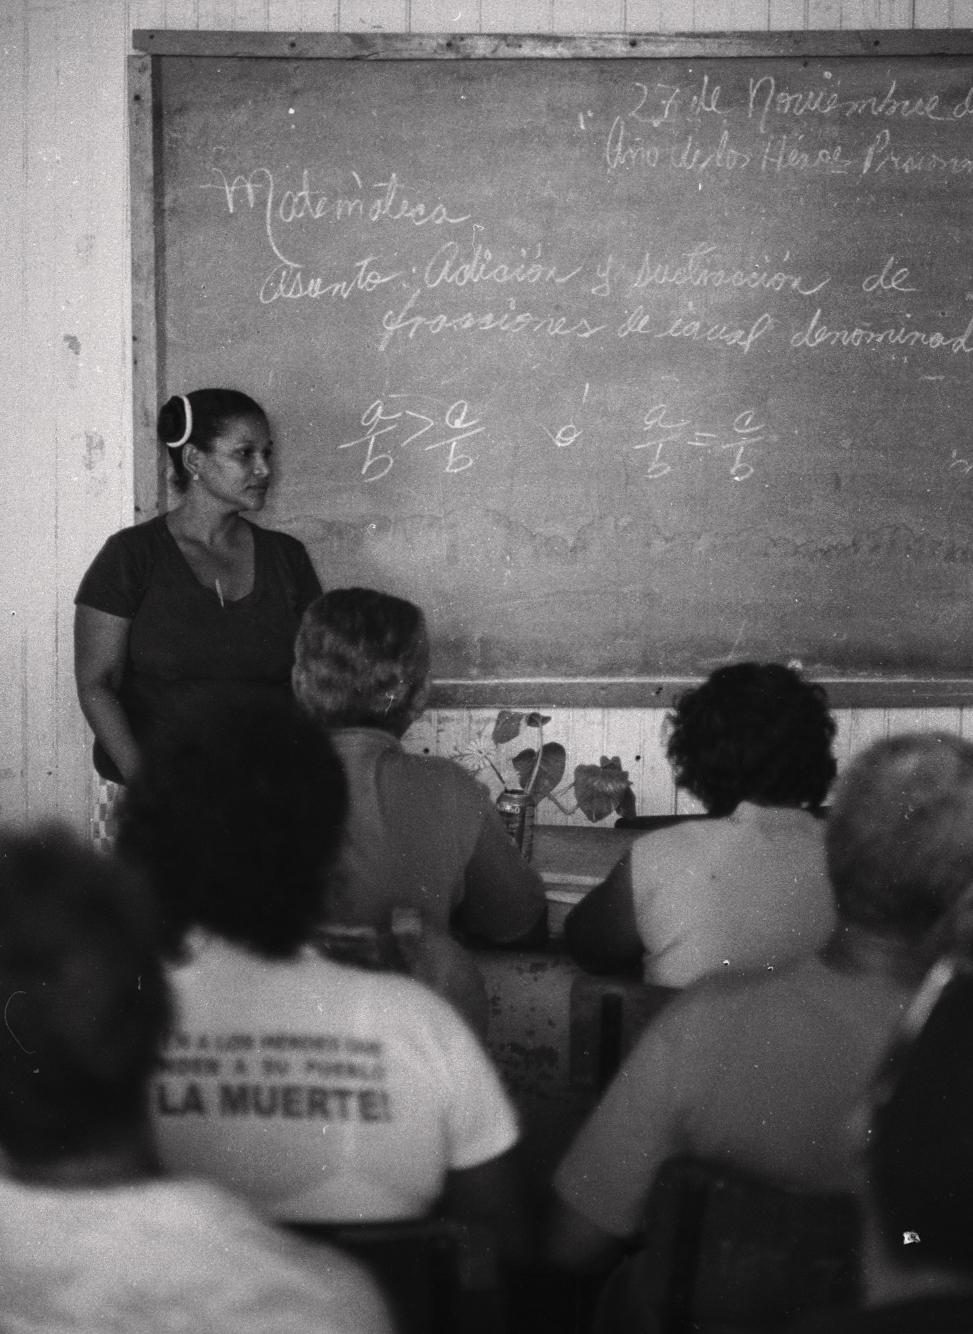 Más de 100.000 azucareros volvieron a las aulas en 2002 tras la reestructuración de la industria azucarera. No quedaron desempleados y conservaron sus salarios. Tampoco tenían ya sus antiguos empleos. (Foto: Alejandro Ramírez Anderson)